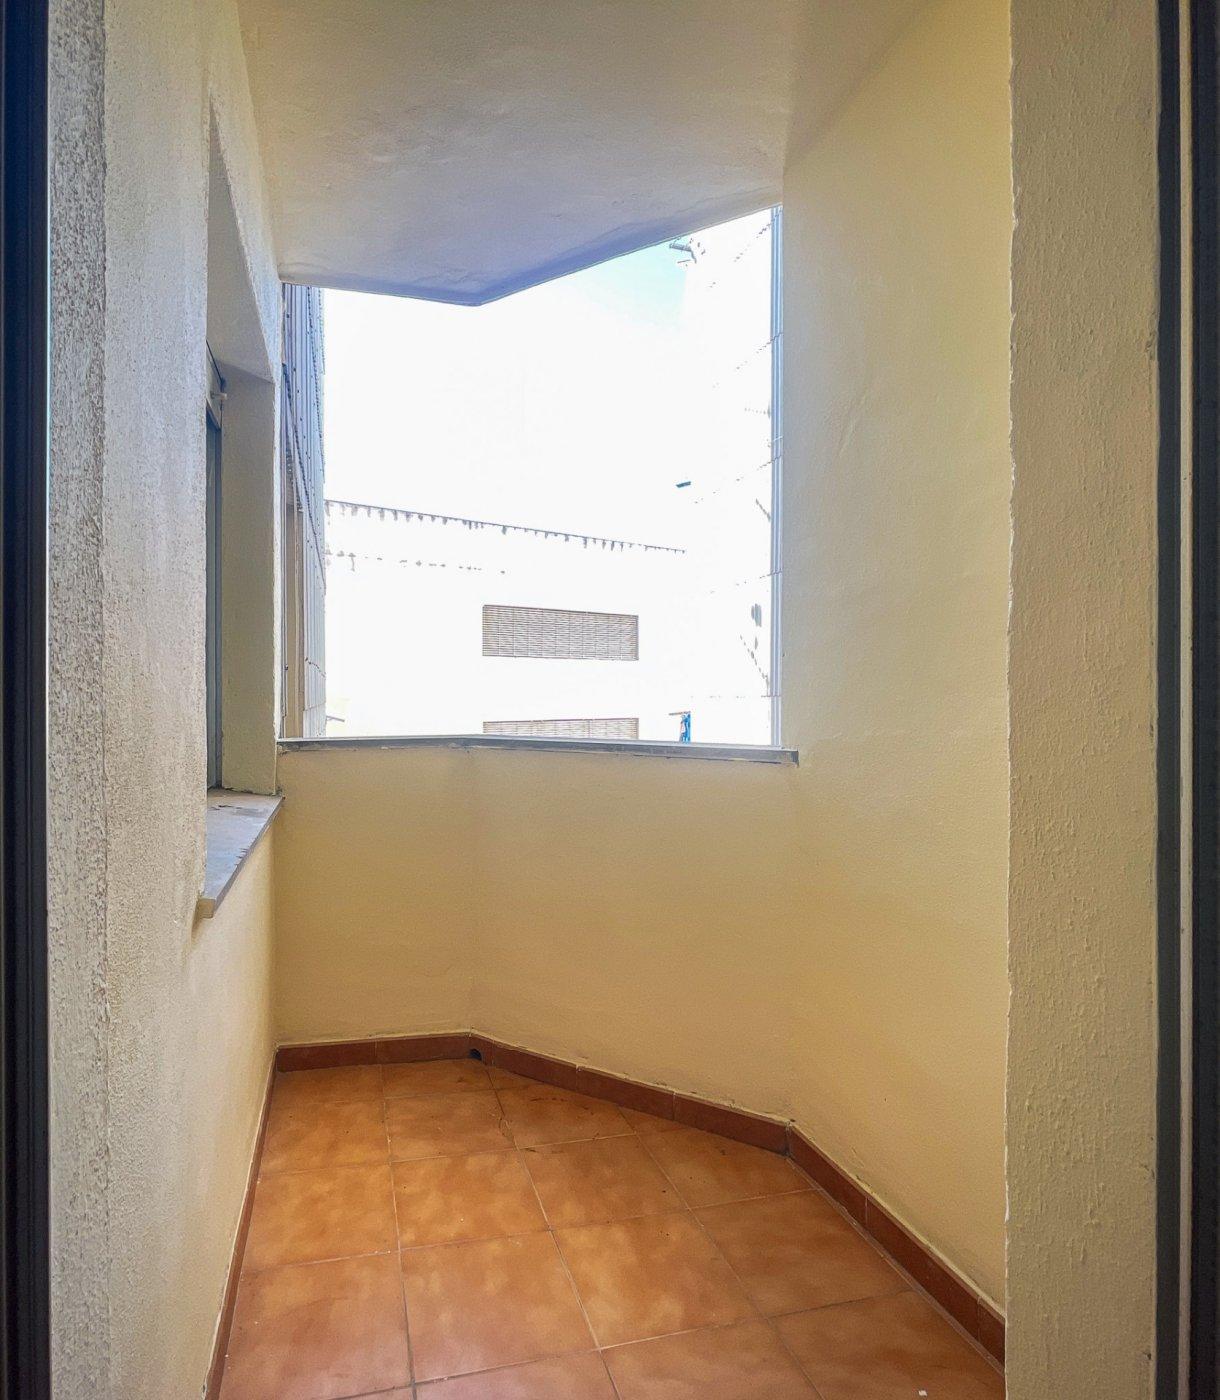 Estupendo piso muy soleado en plena avenida de la hispanidad de alcoy!! - imagenInmueble15